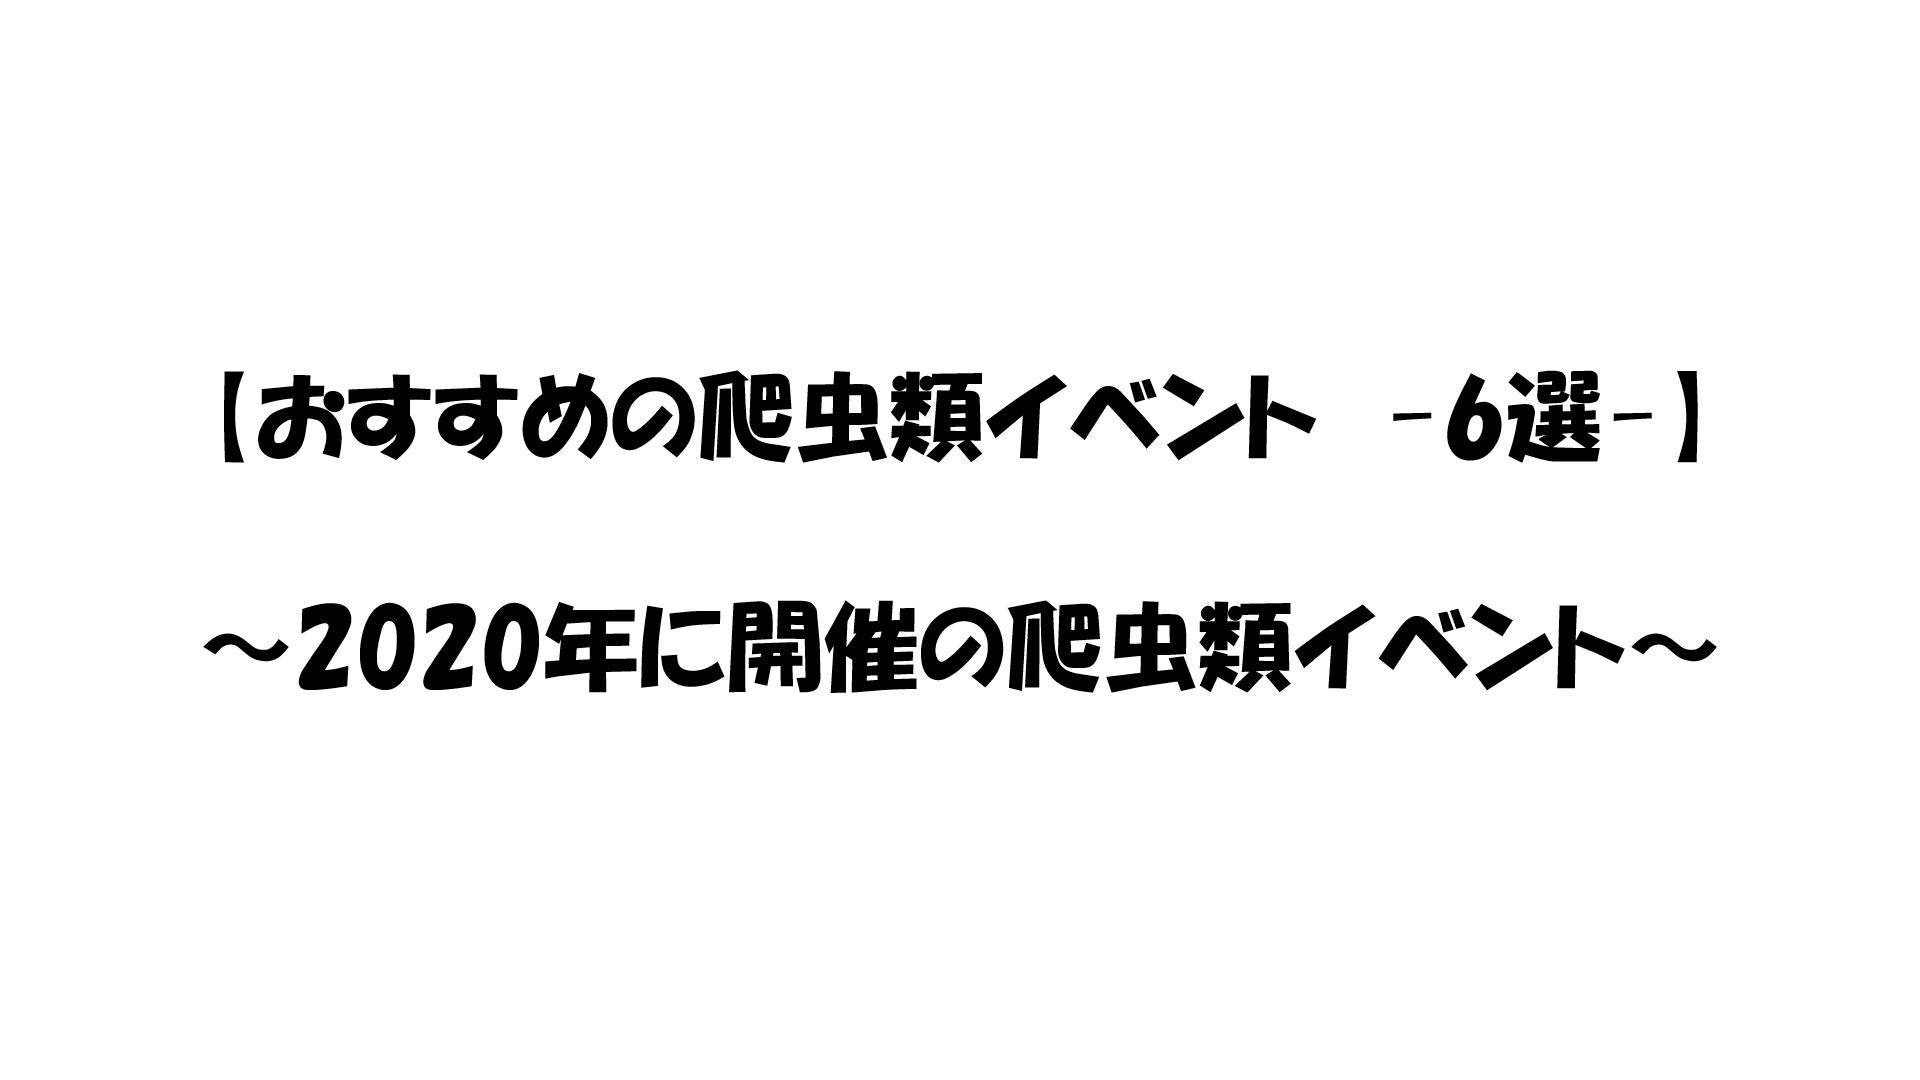 爬虫類 イベント 2020